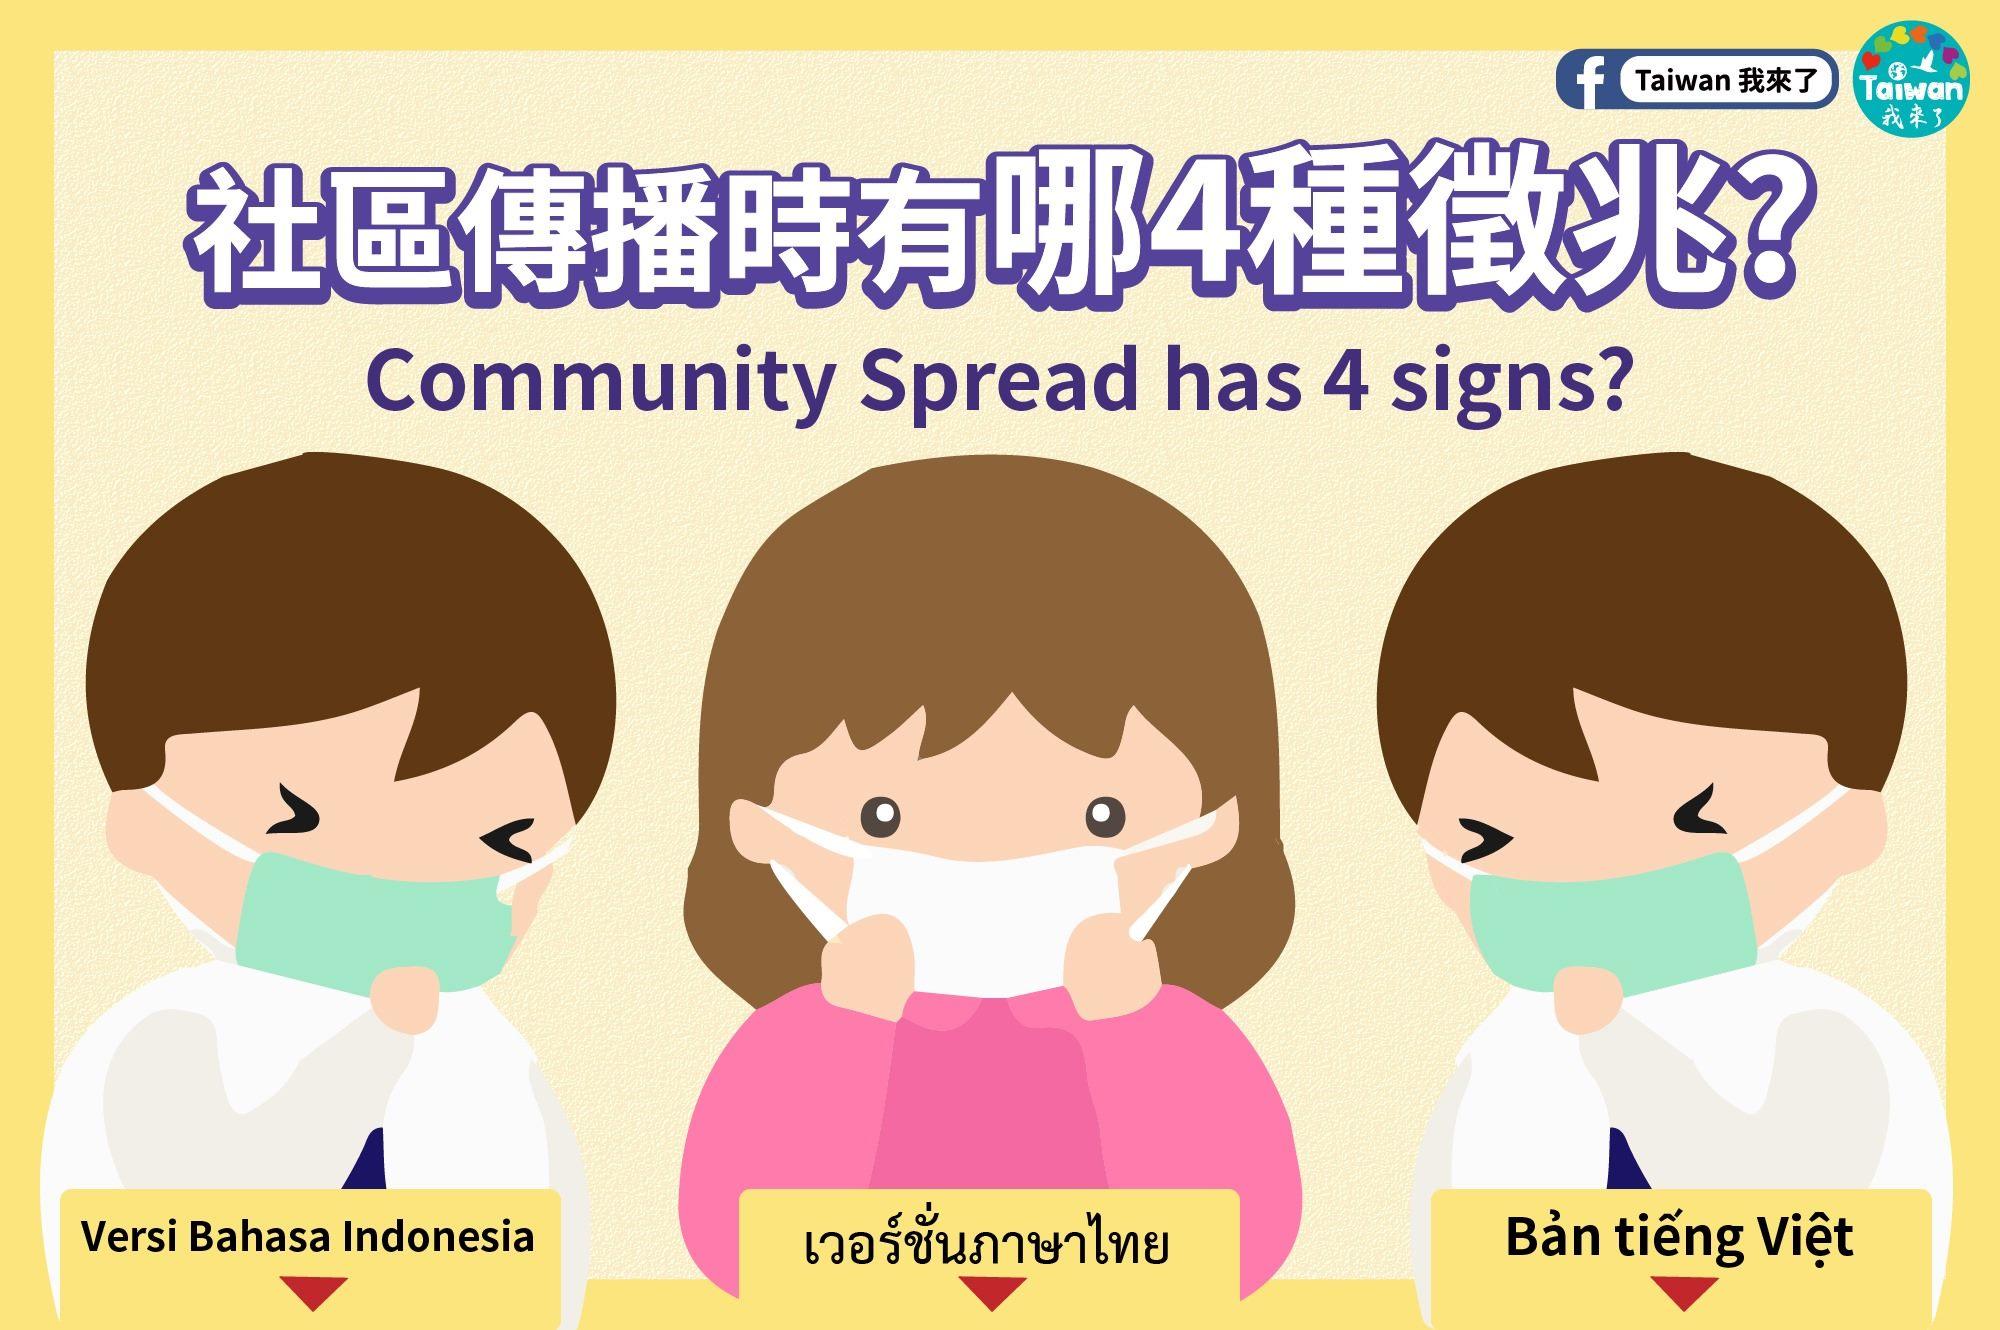 社區傳播時有哪四種徵兆